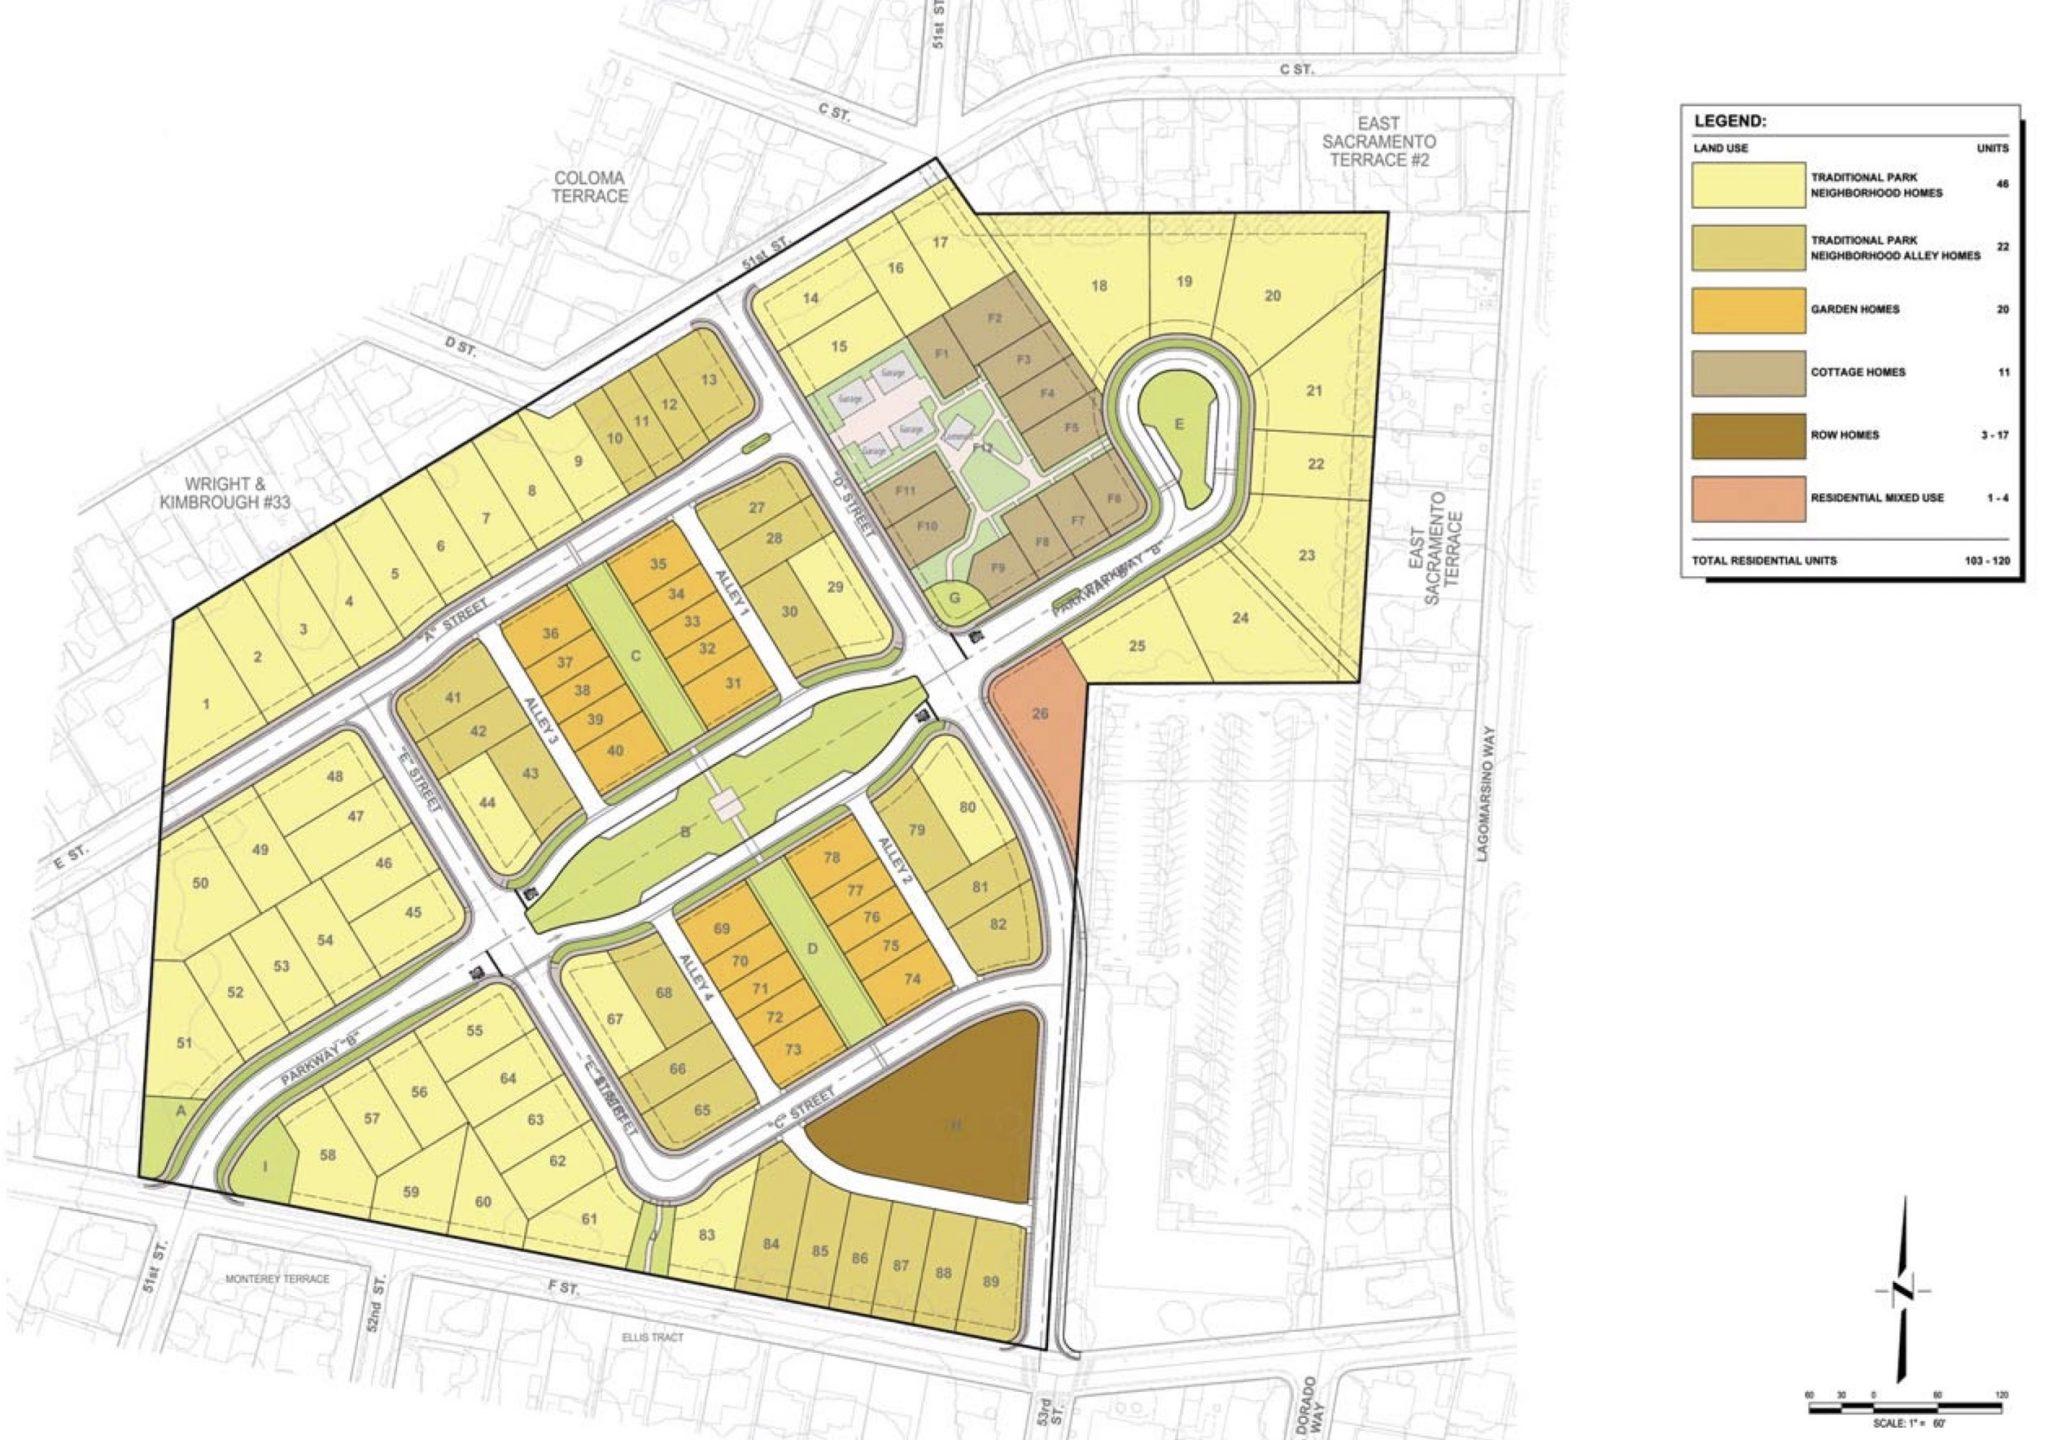 Sutter Park Neighborhood Map East Sac